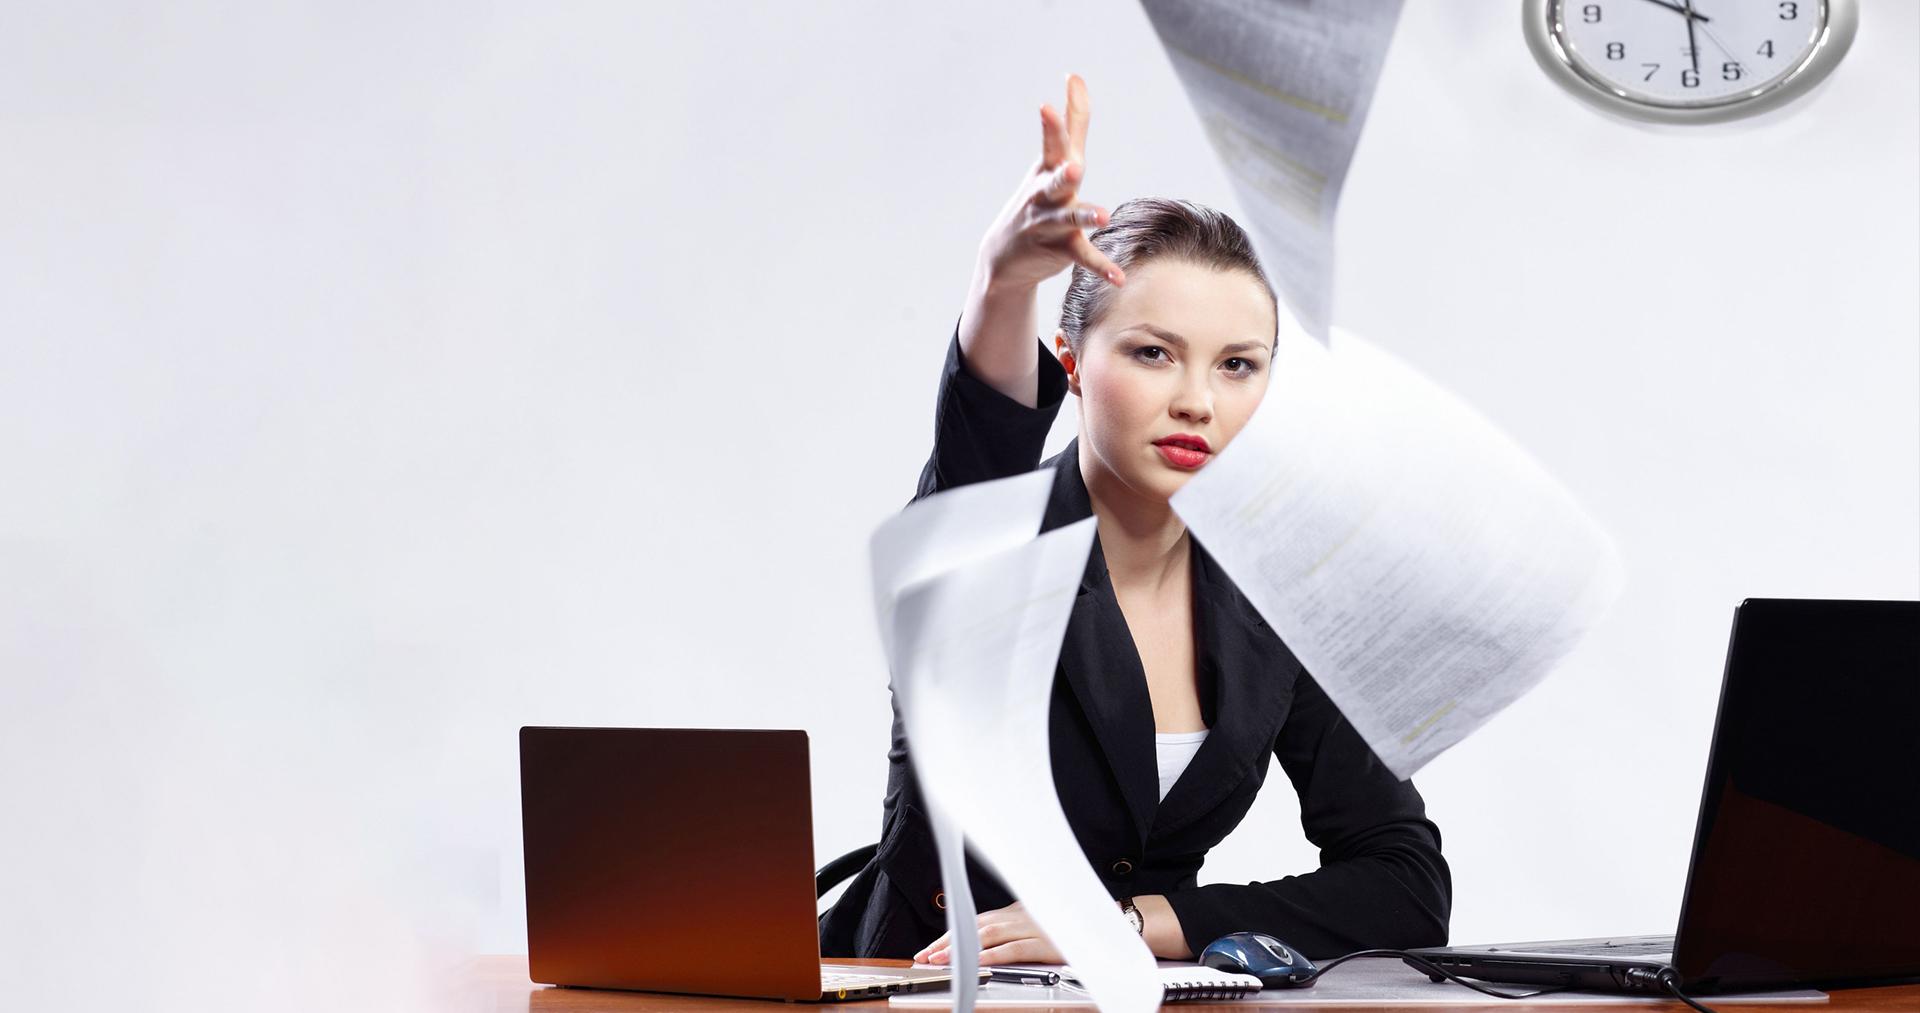 гламурная бизнес-леди с подчиненным смотреть онлайн чего порой